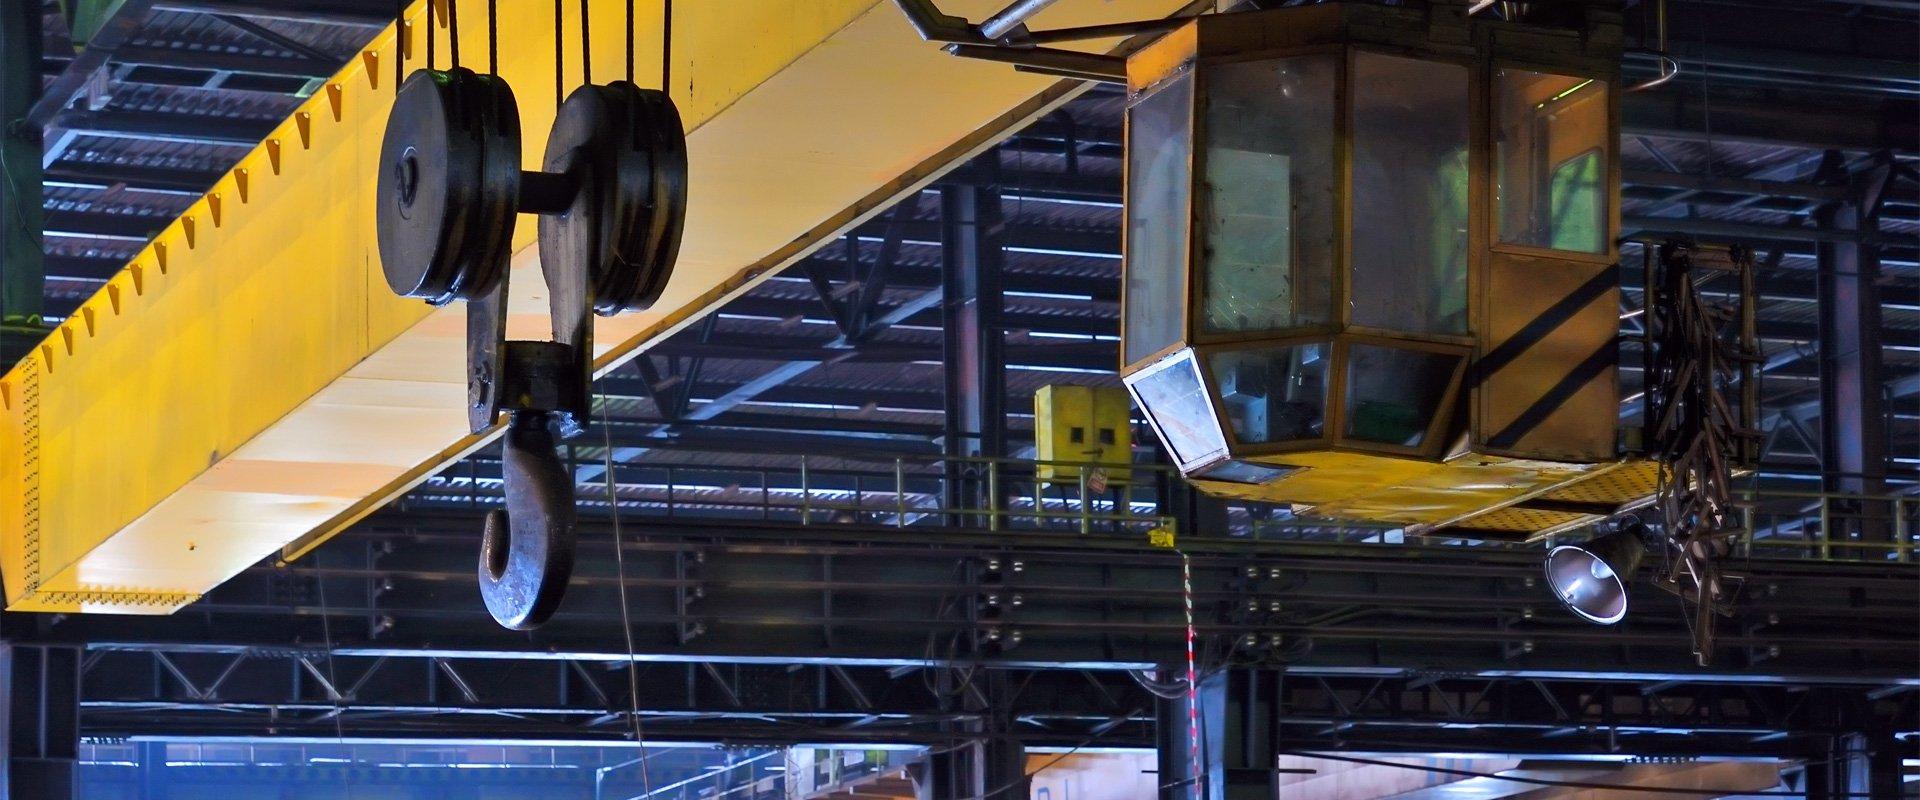 Authorised Crane Supplier In Dubai Uae Industrial